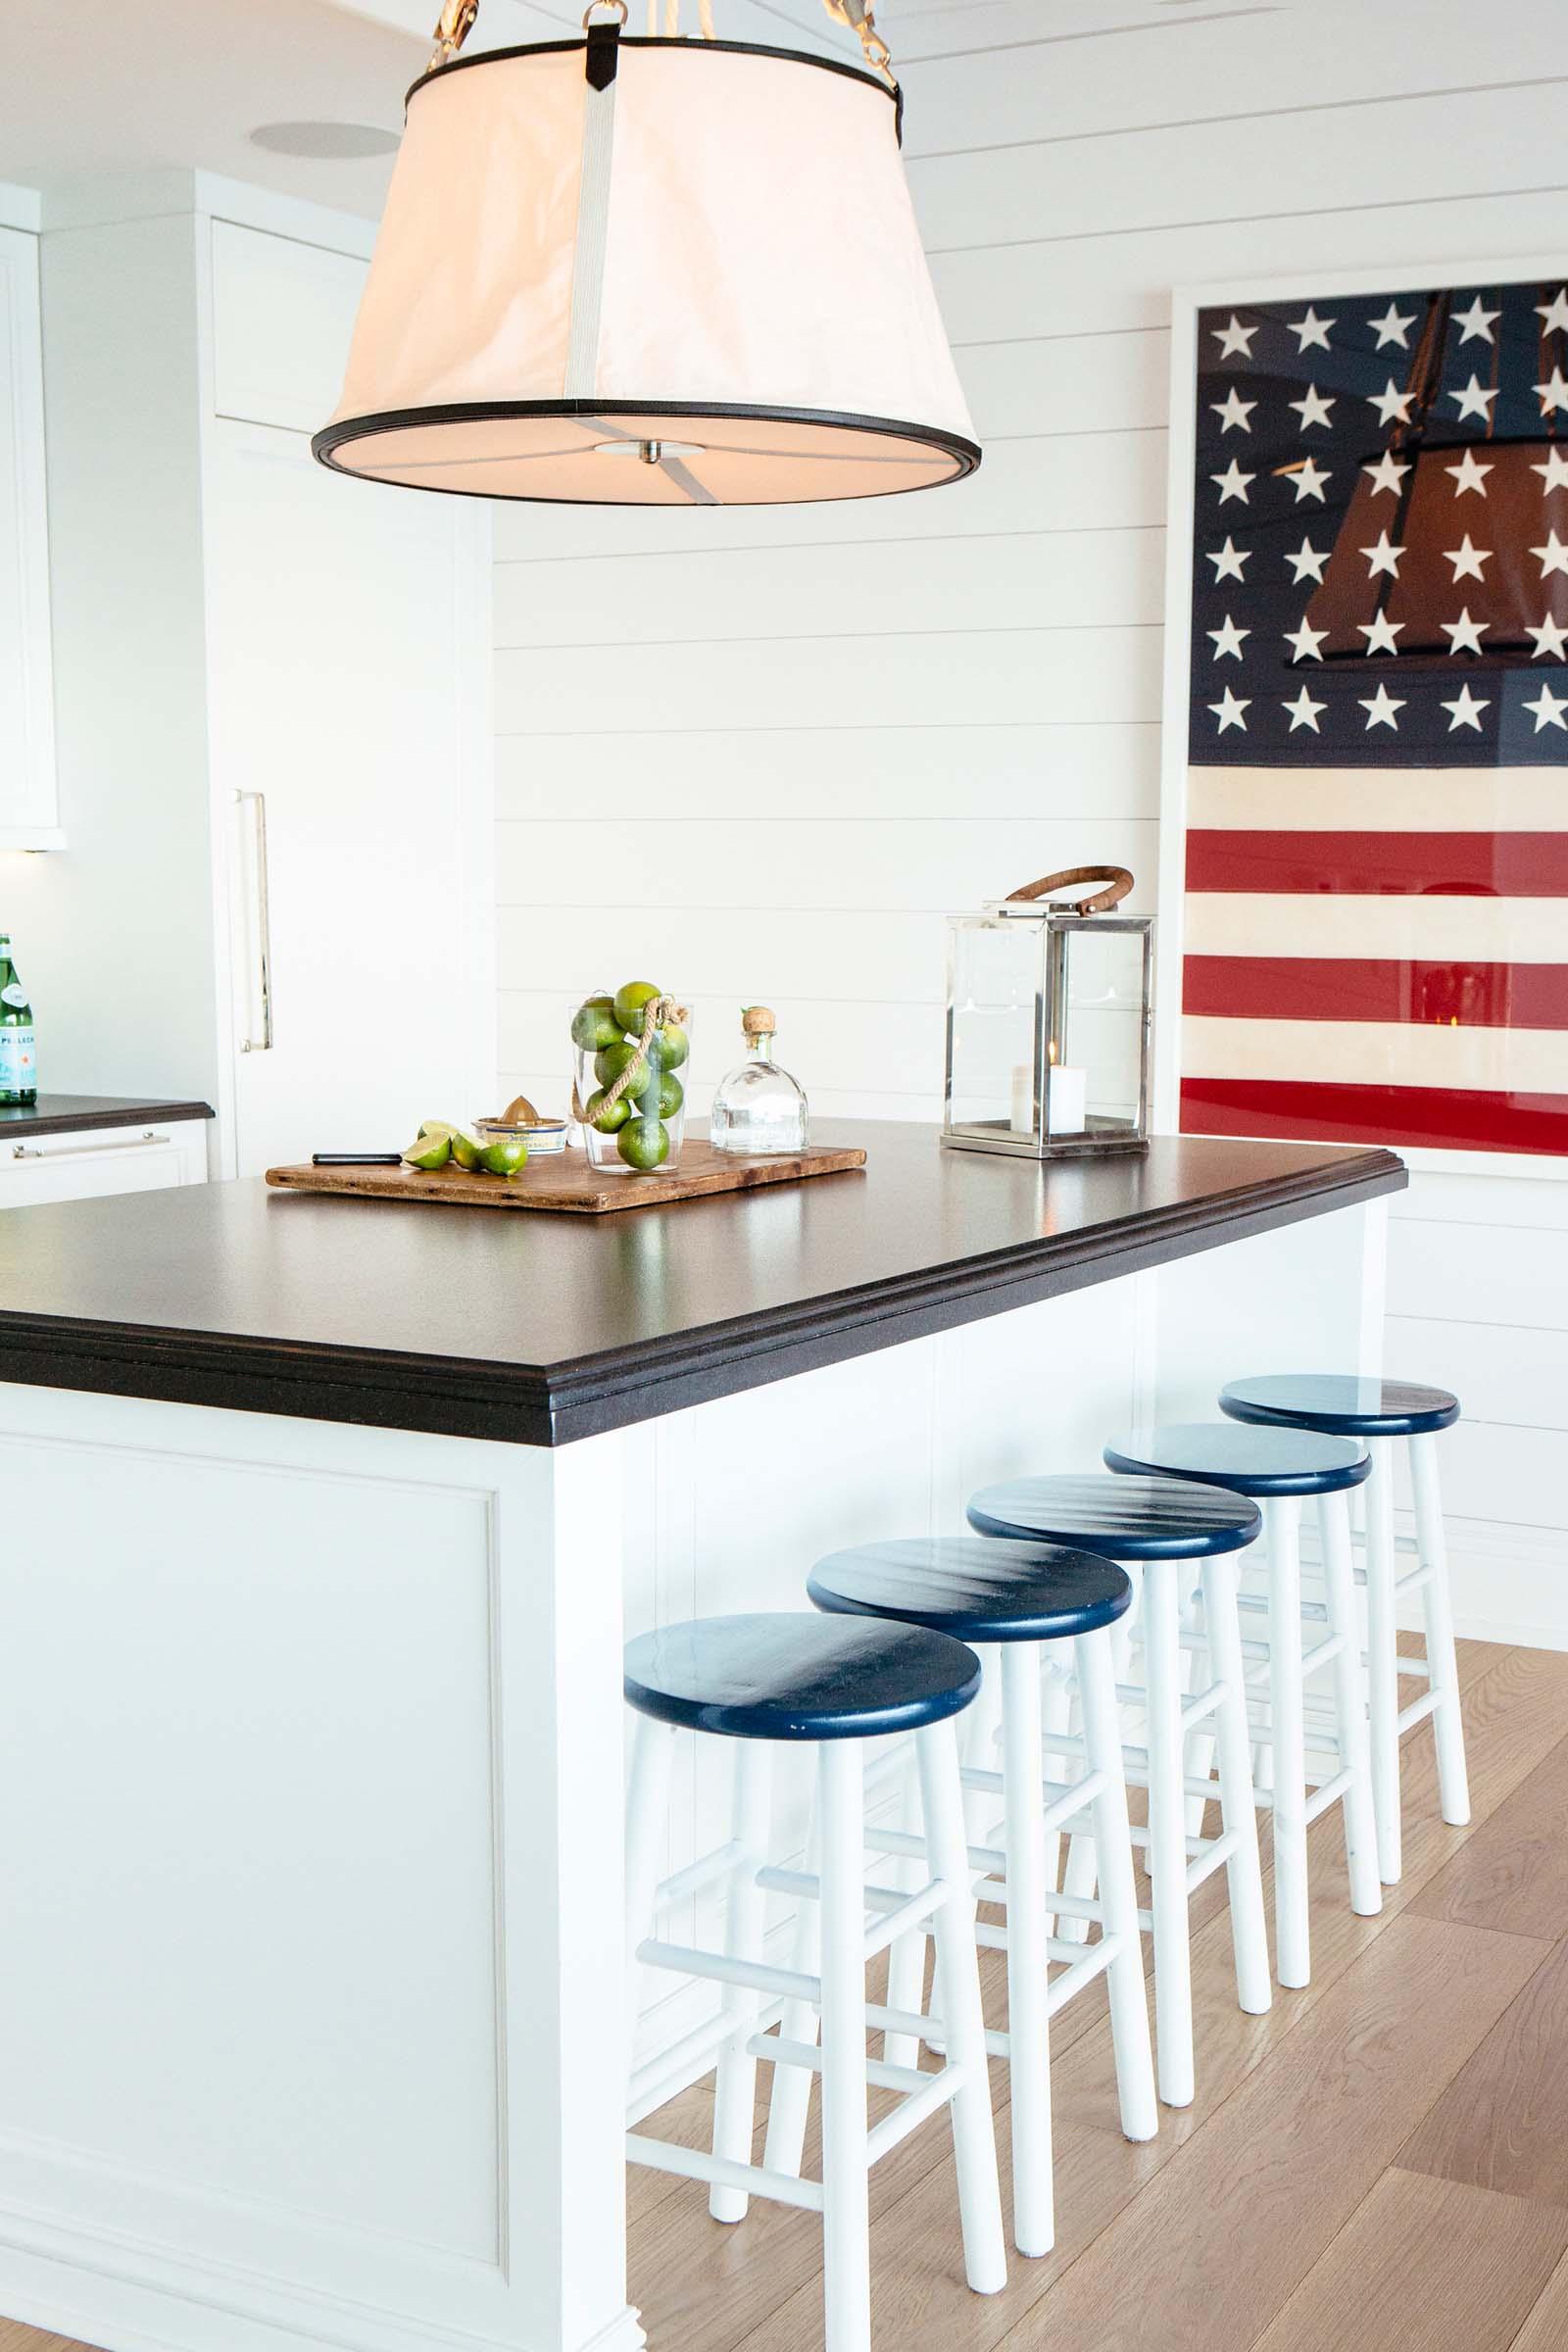 Leo_Designs_Chicago_interior_design_grand_haven_beach_refuge16.jpg